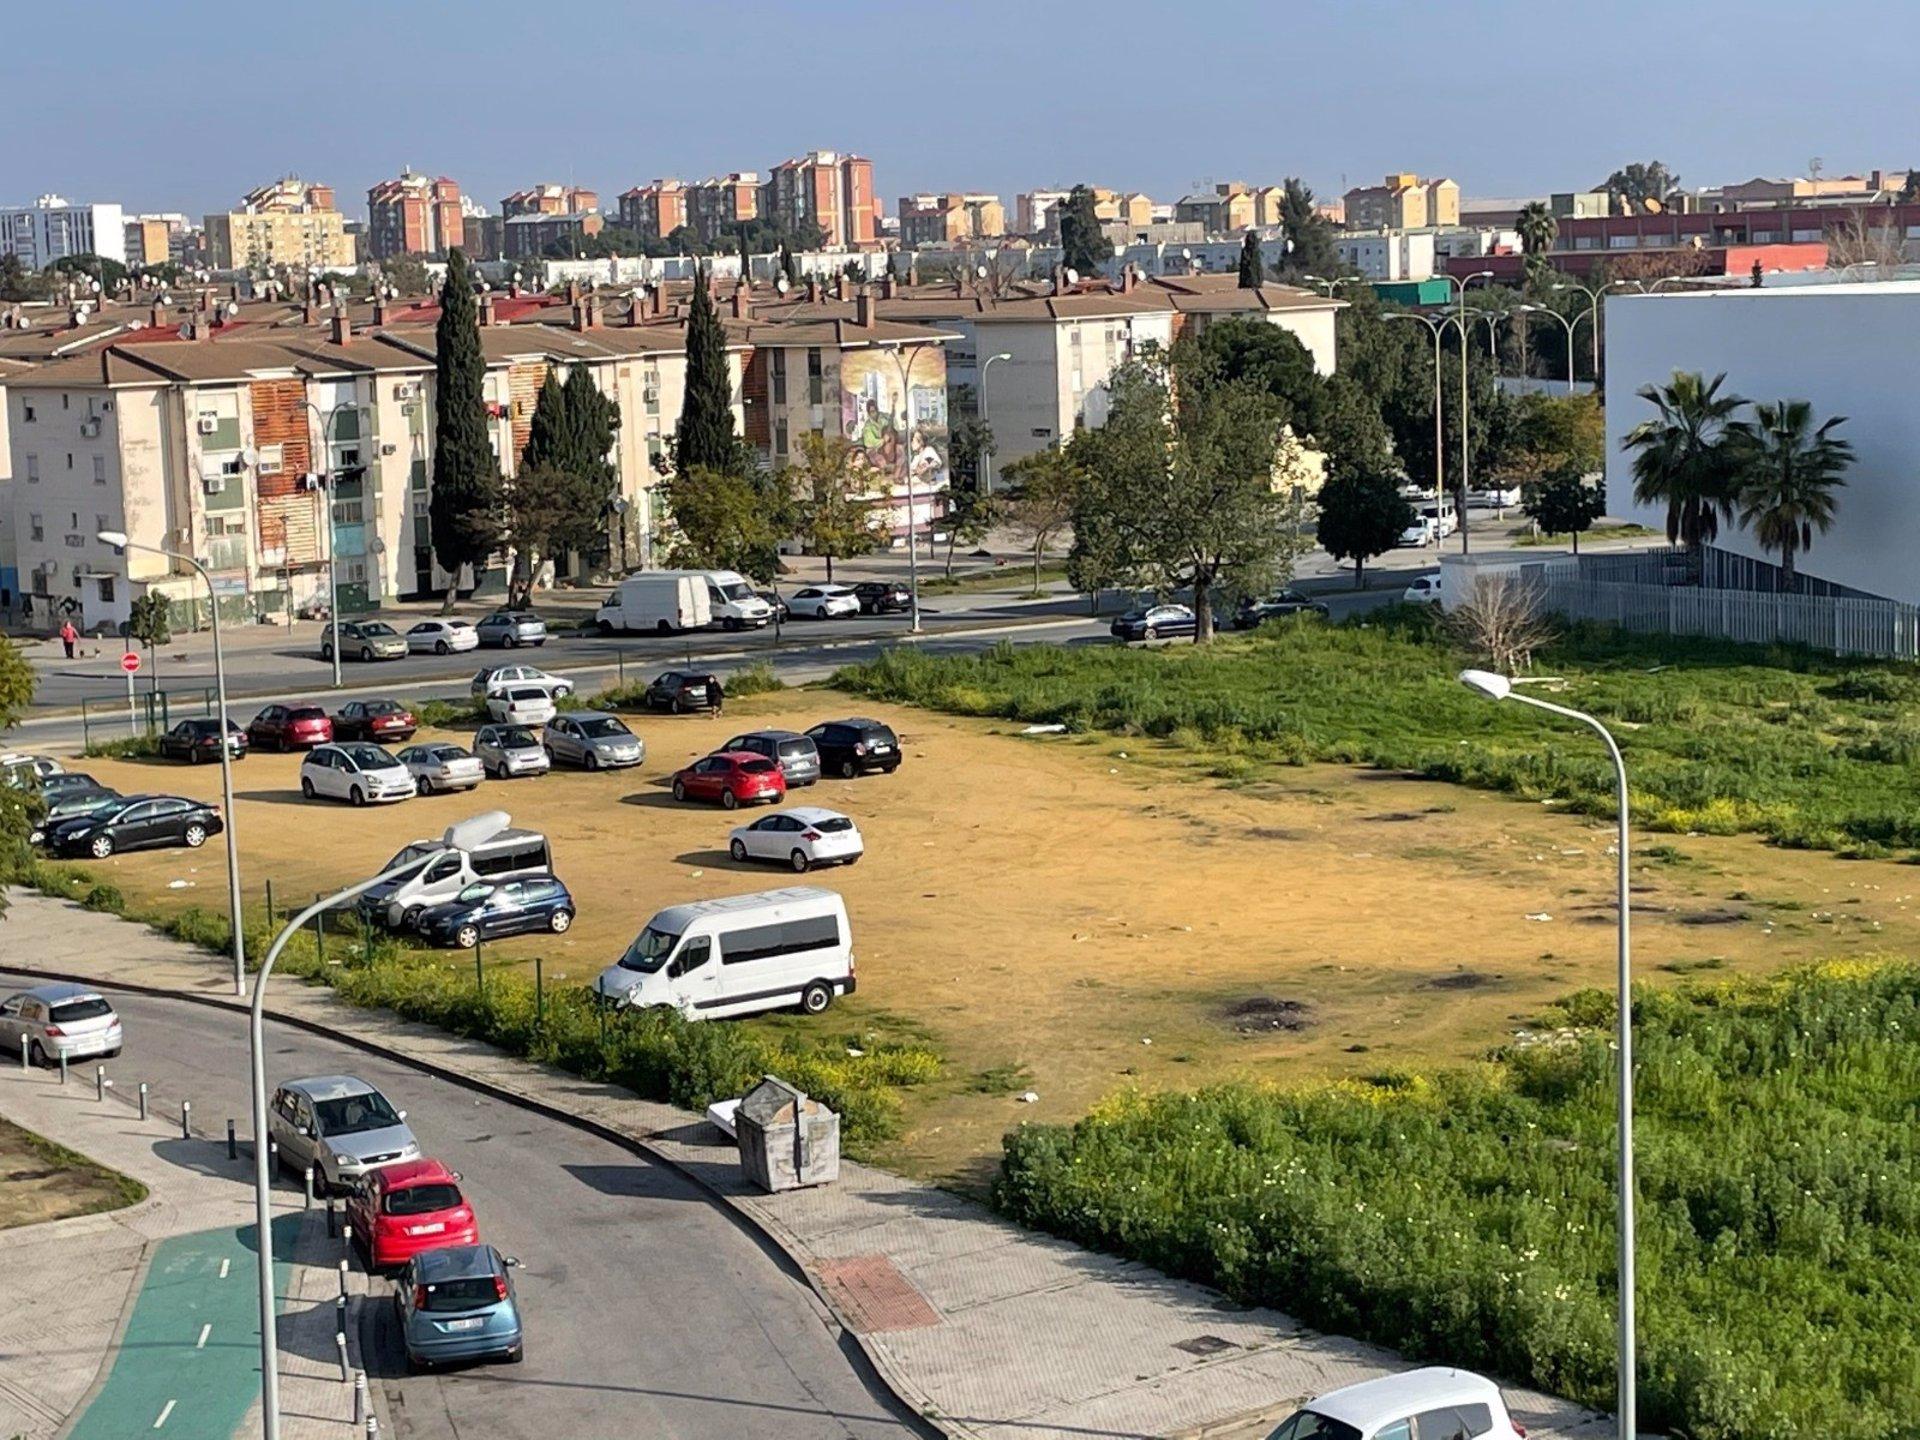 Andalucía concentra doce de las quince ciudades y barrios más pobres de toda España, según el INE